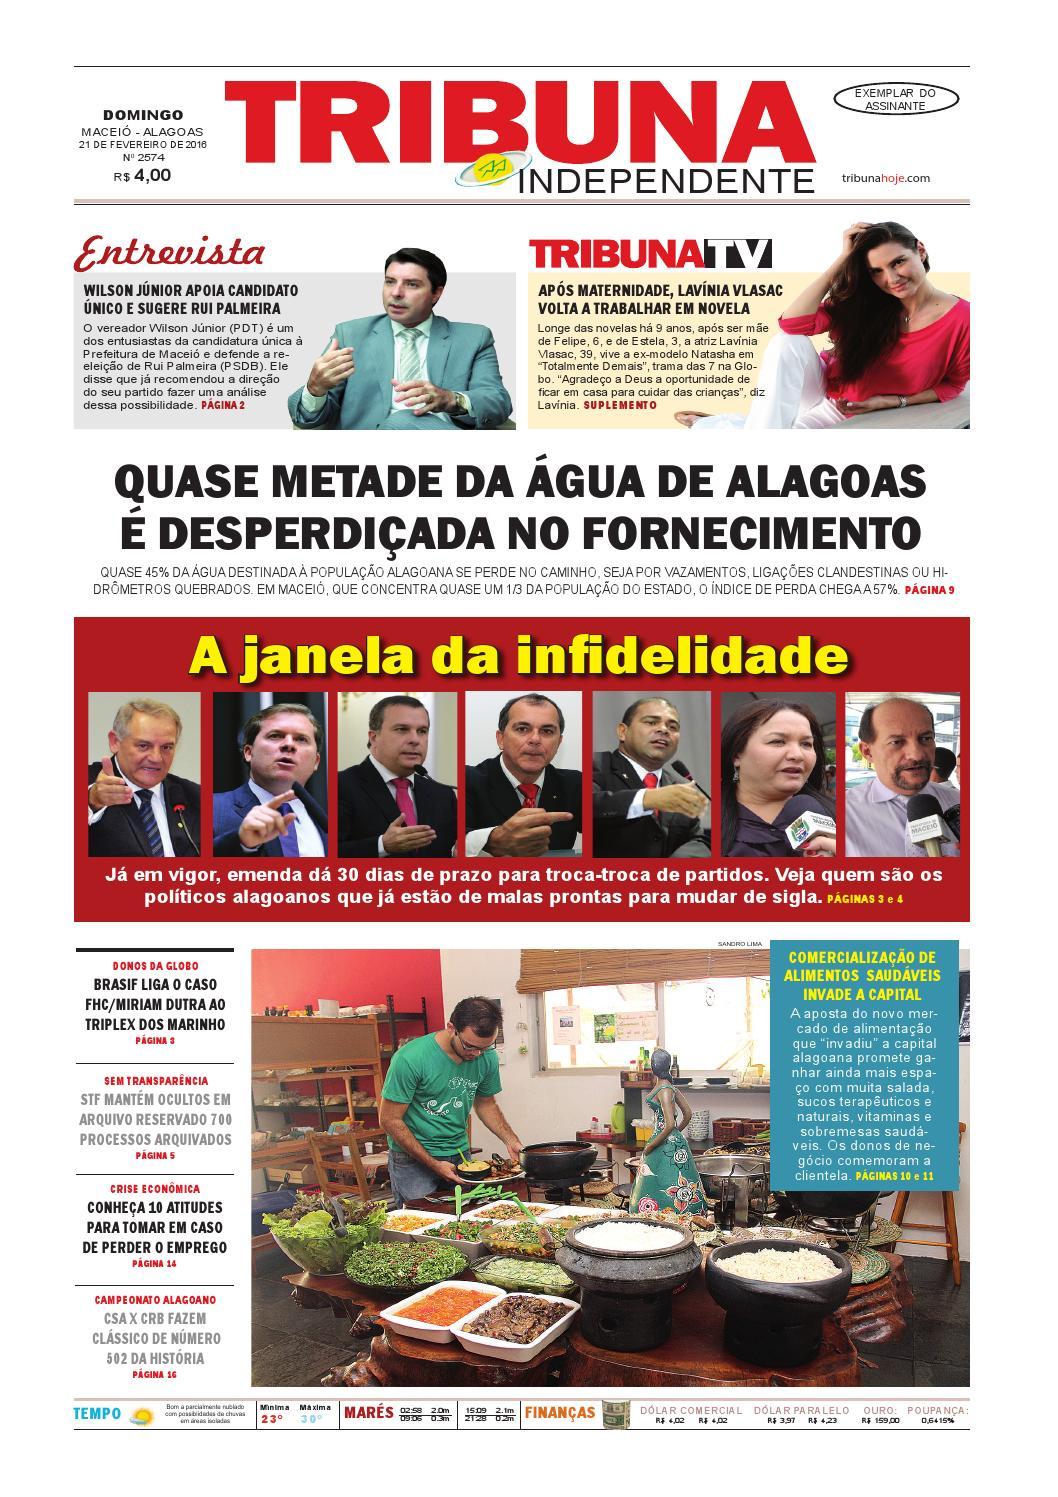 Edição número 2574 - 21 de fevereiro de 2016 by Tribuna Hoje - issuu 28b348a6a0